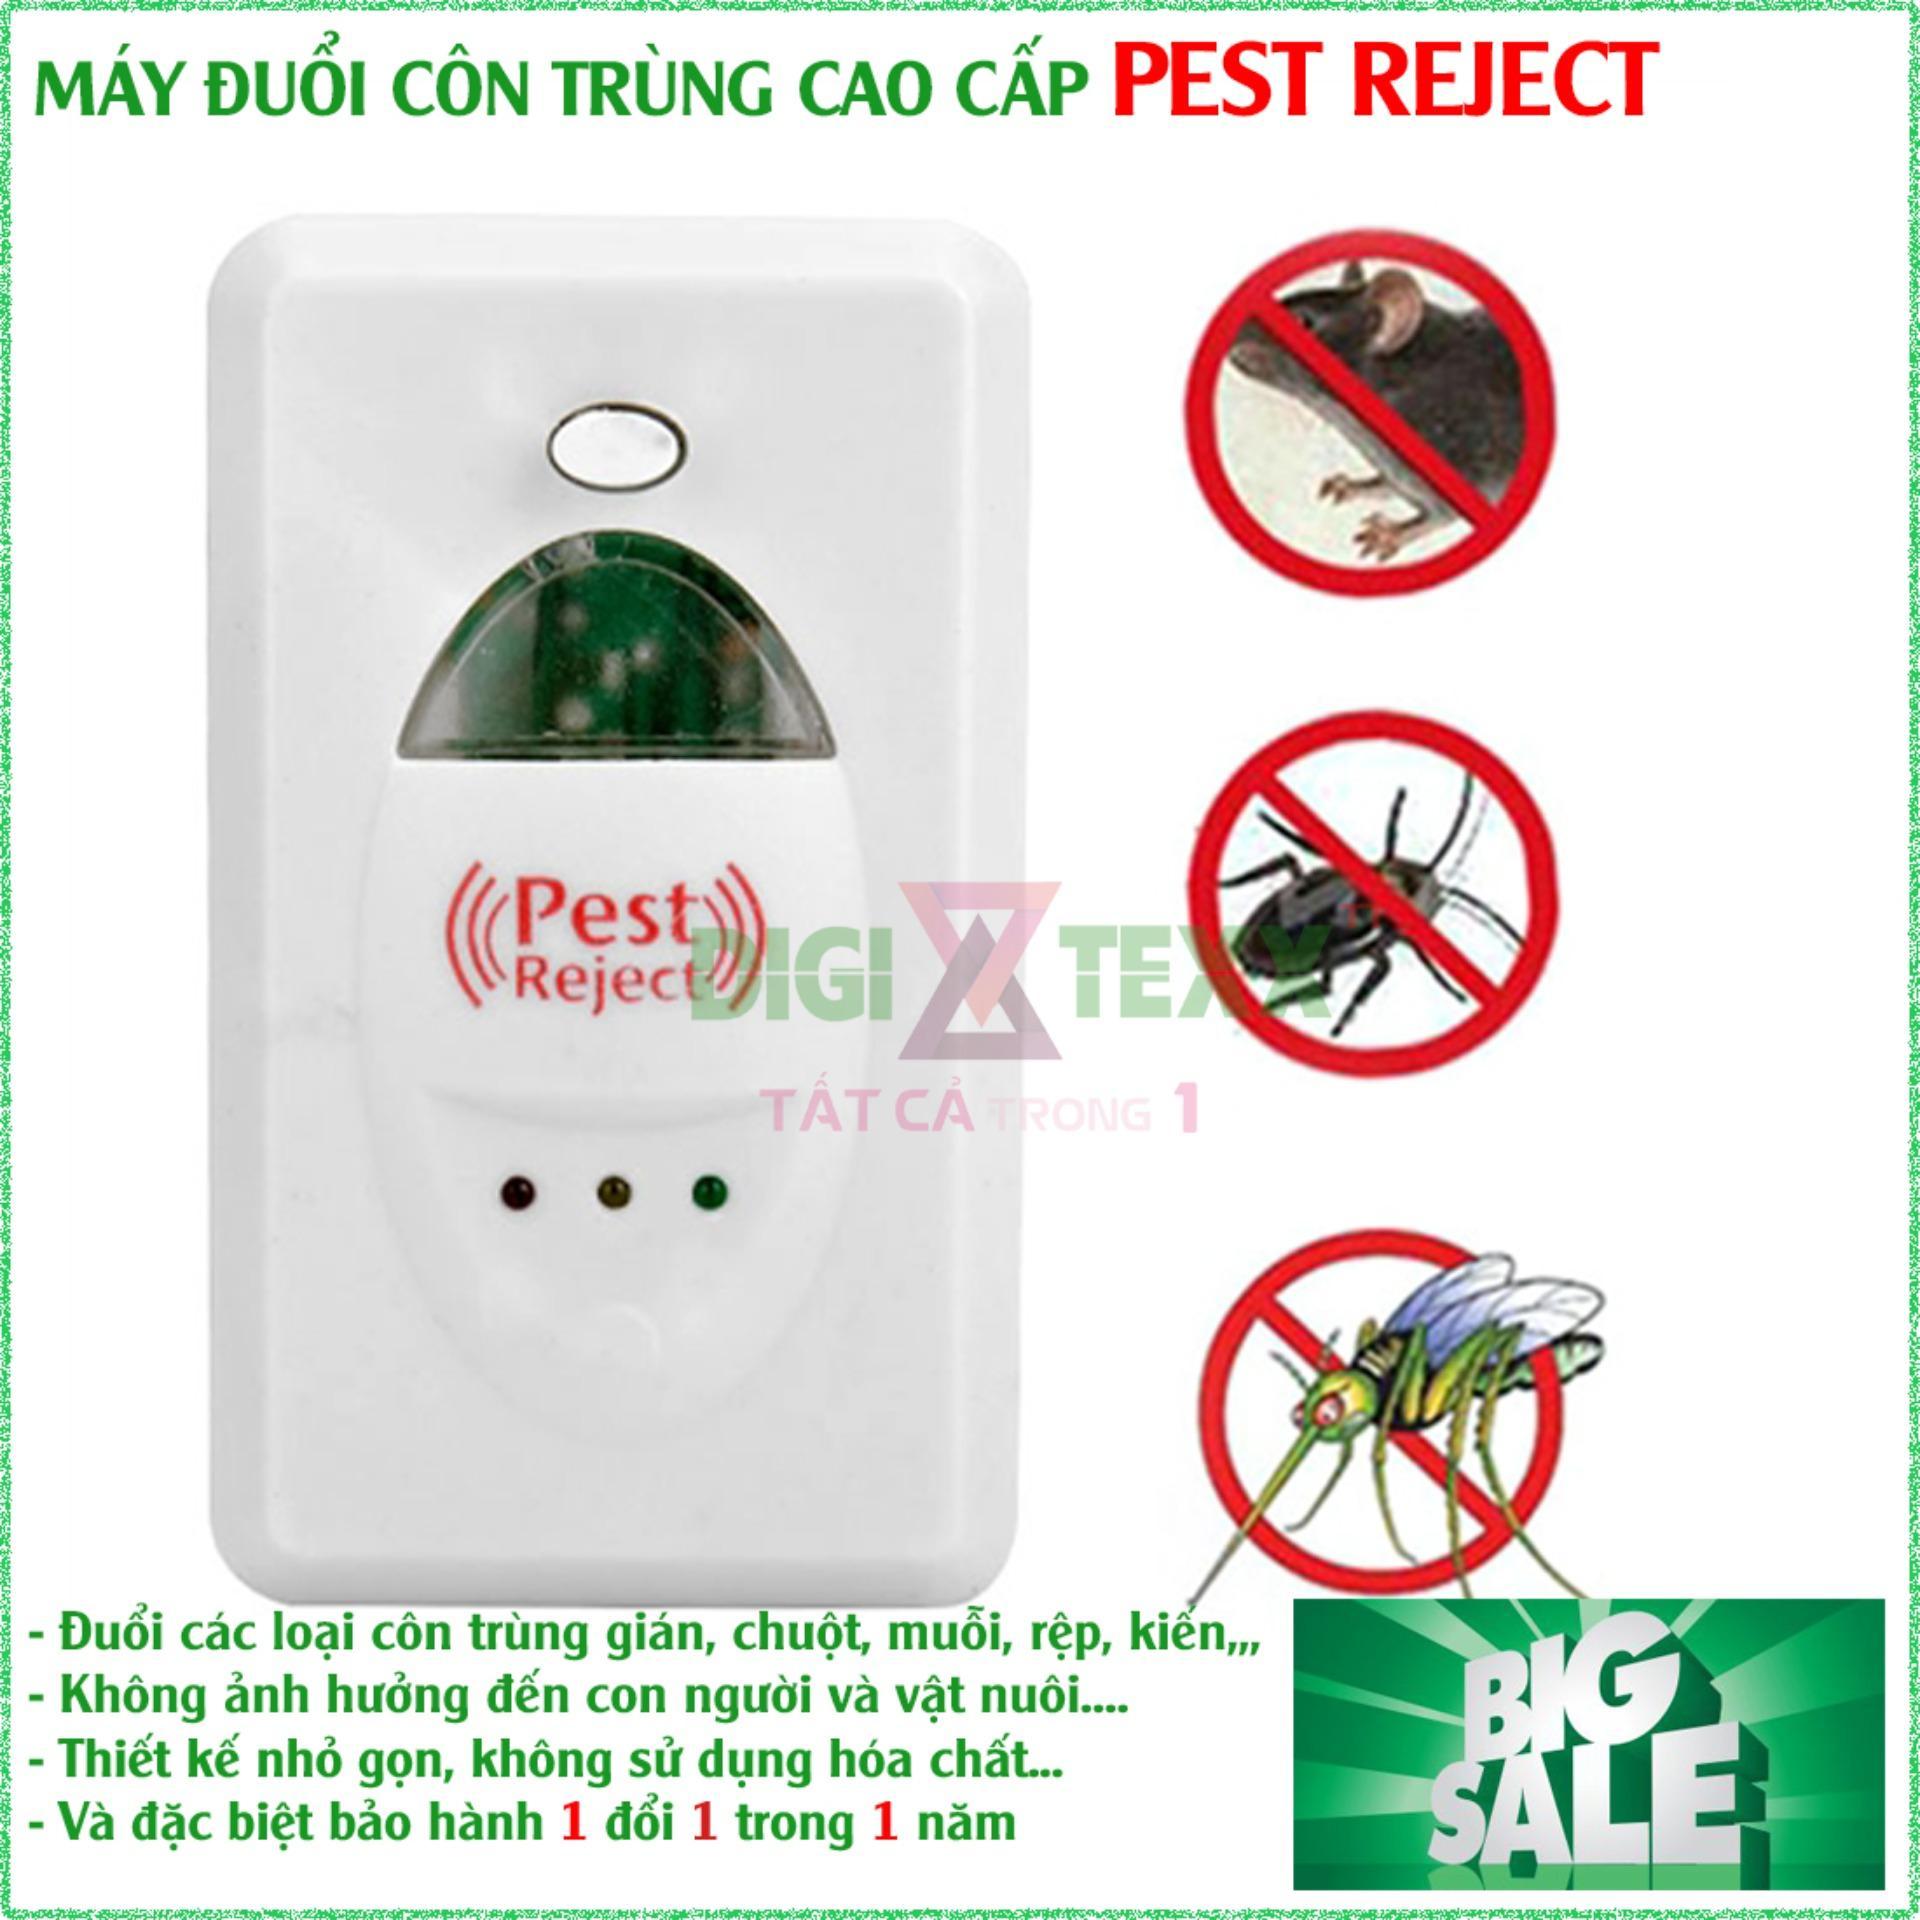 Thiết Bị Chống Chuột, , Máy Xua Đuổi Côn Trùng Pest Reject Giúp Xua Đuổi Triệt Để Các Loại Côn Trùng Bằng Sóng Siêu Âm, An Toàn Cho Sức Khỏe - Thiết Thực Cho Gia Đình Bạn